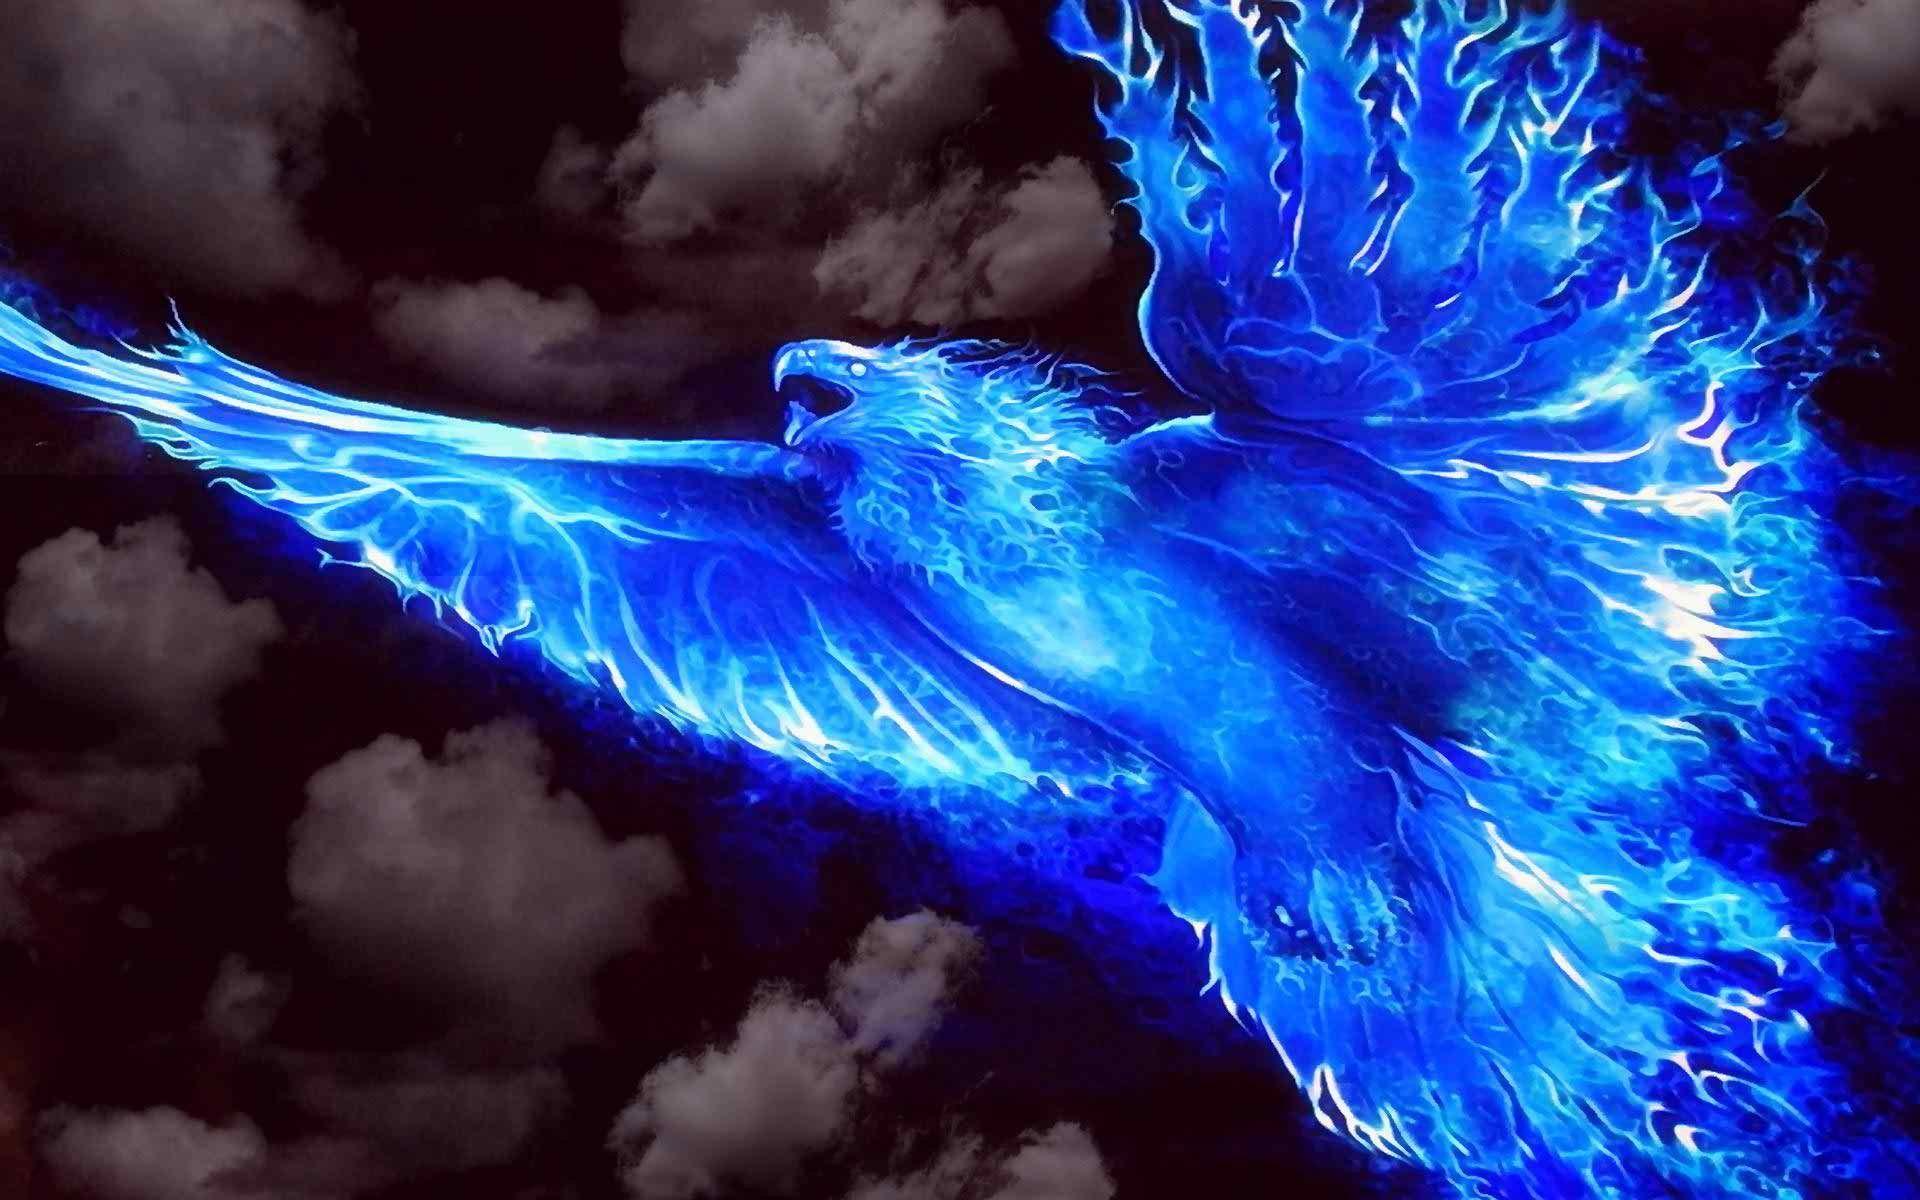 Blue Fire Wallpaper Blue